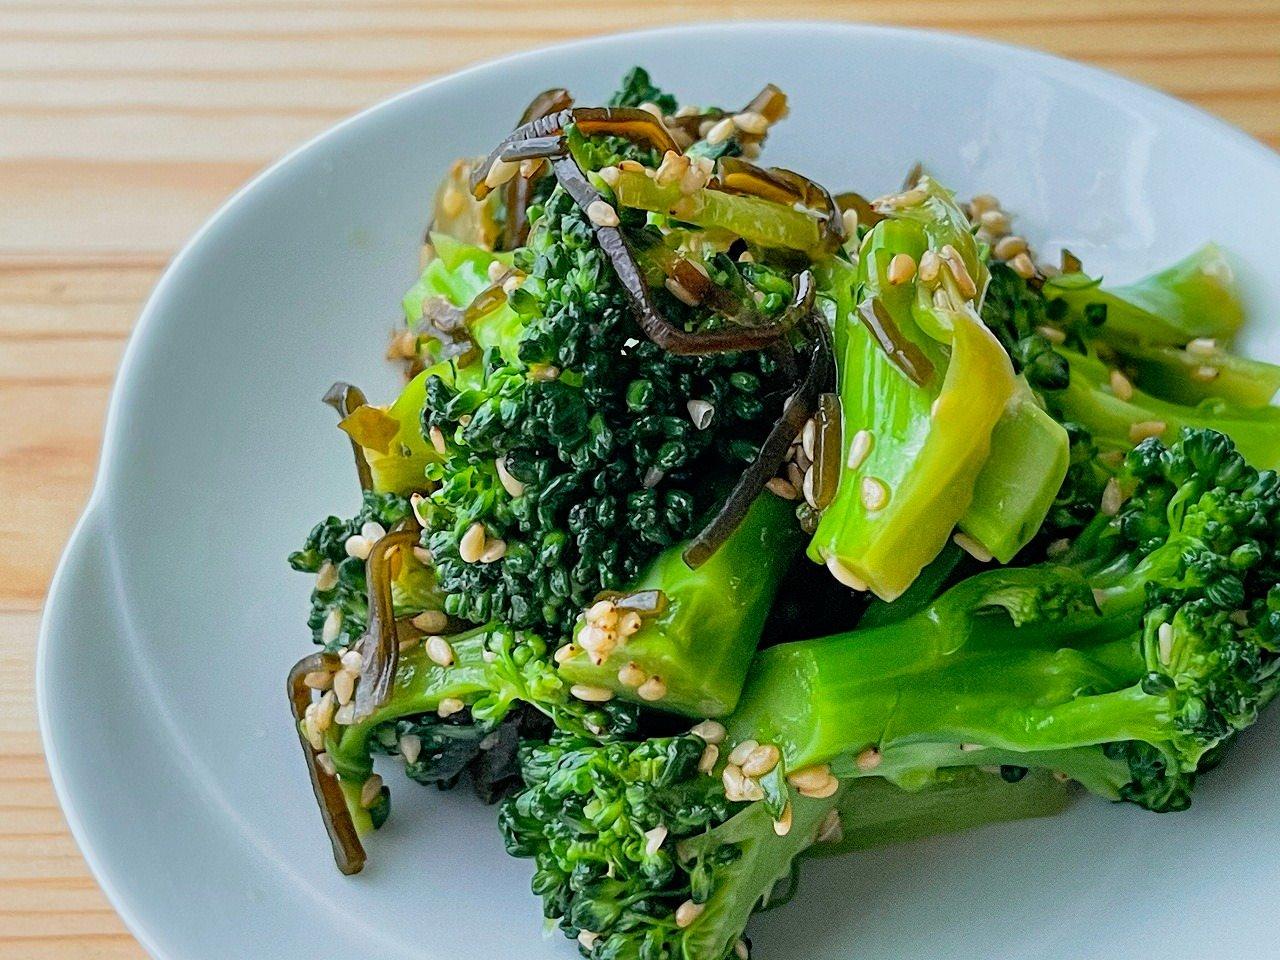 【野菜ひとつ】ブロッコリーの塩昆布蒸し